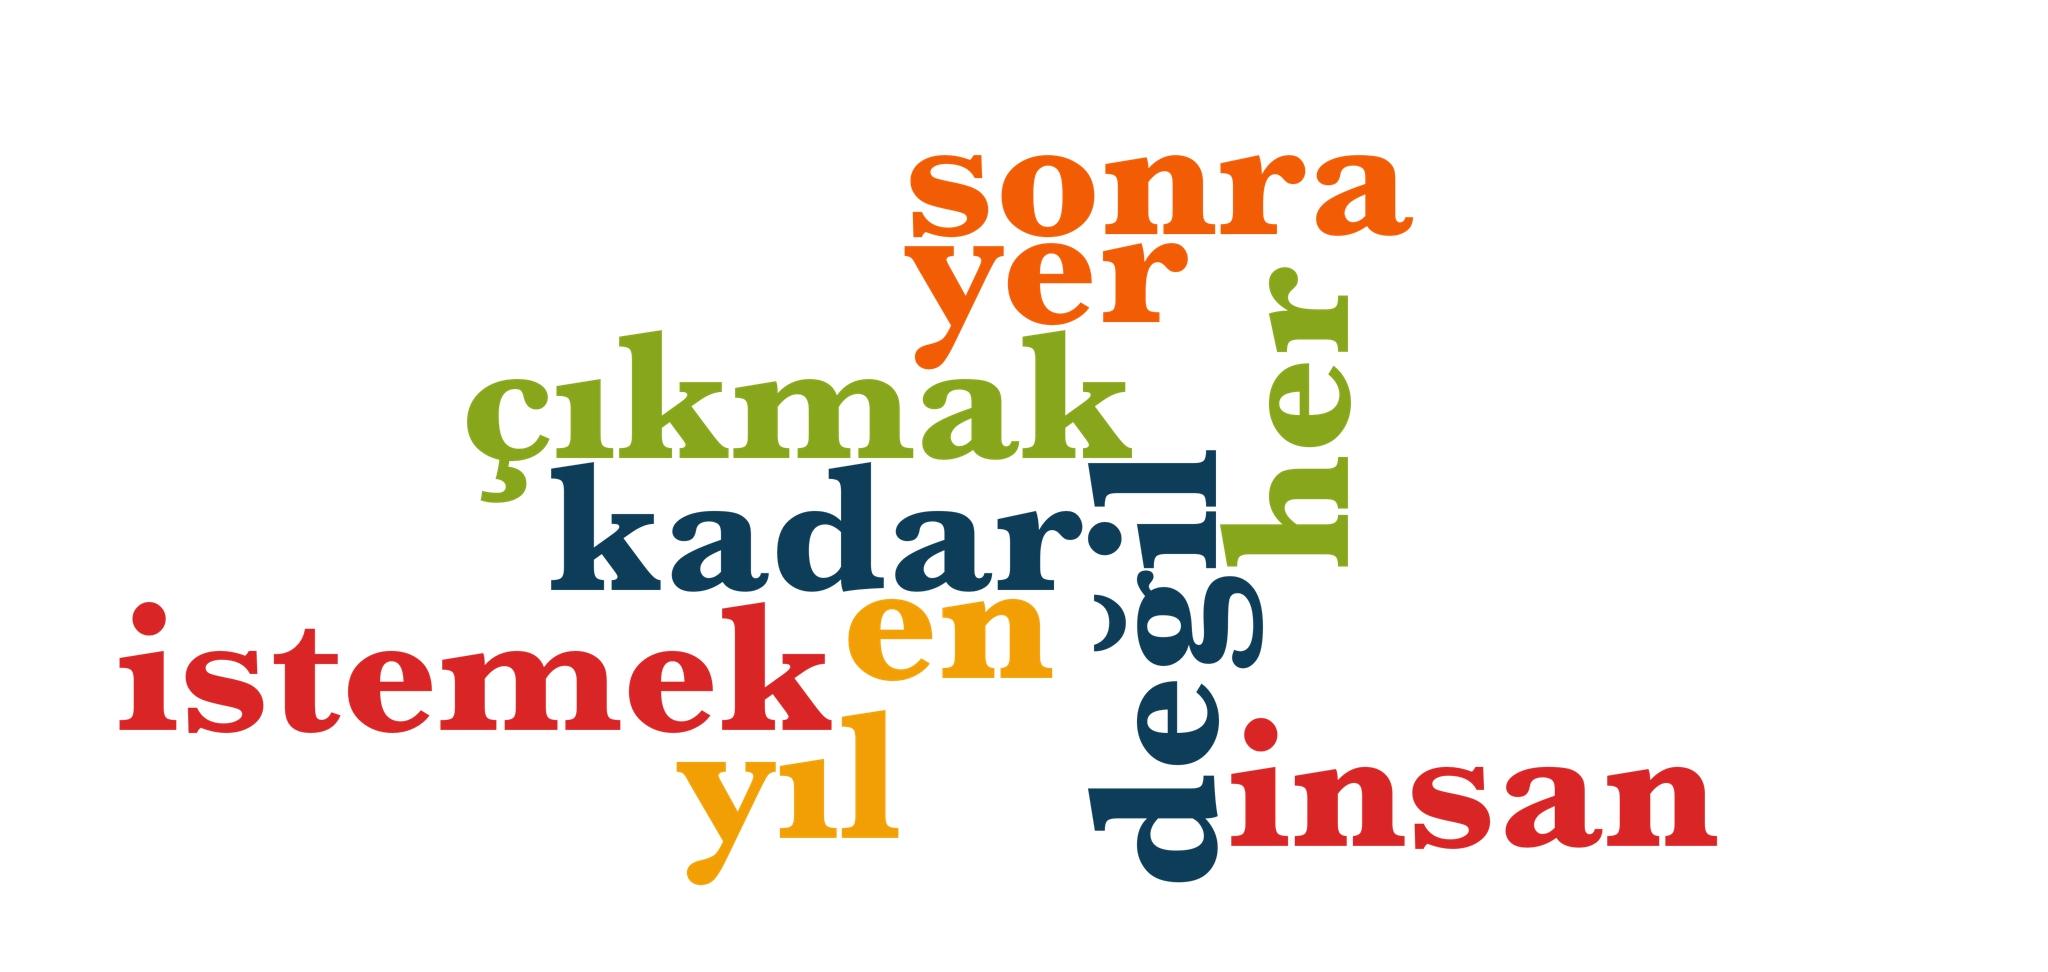 Wörter 21 bis 30 der 1000 häufigsten Wörter der türkischen Sprache